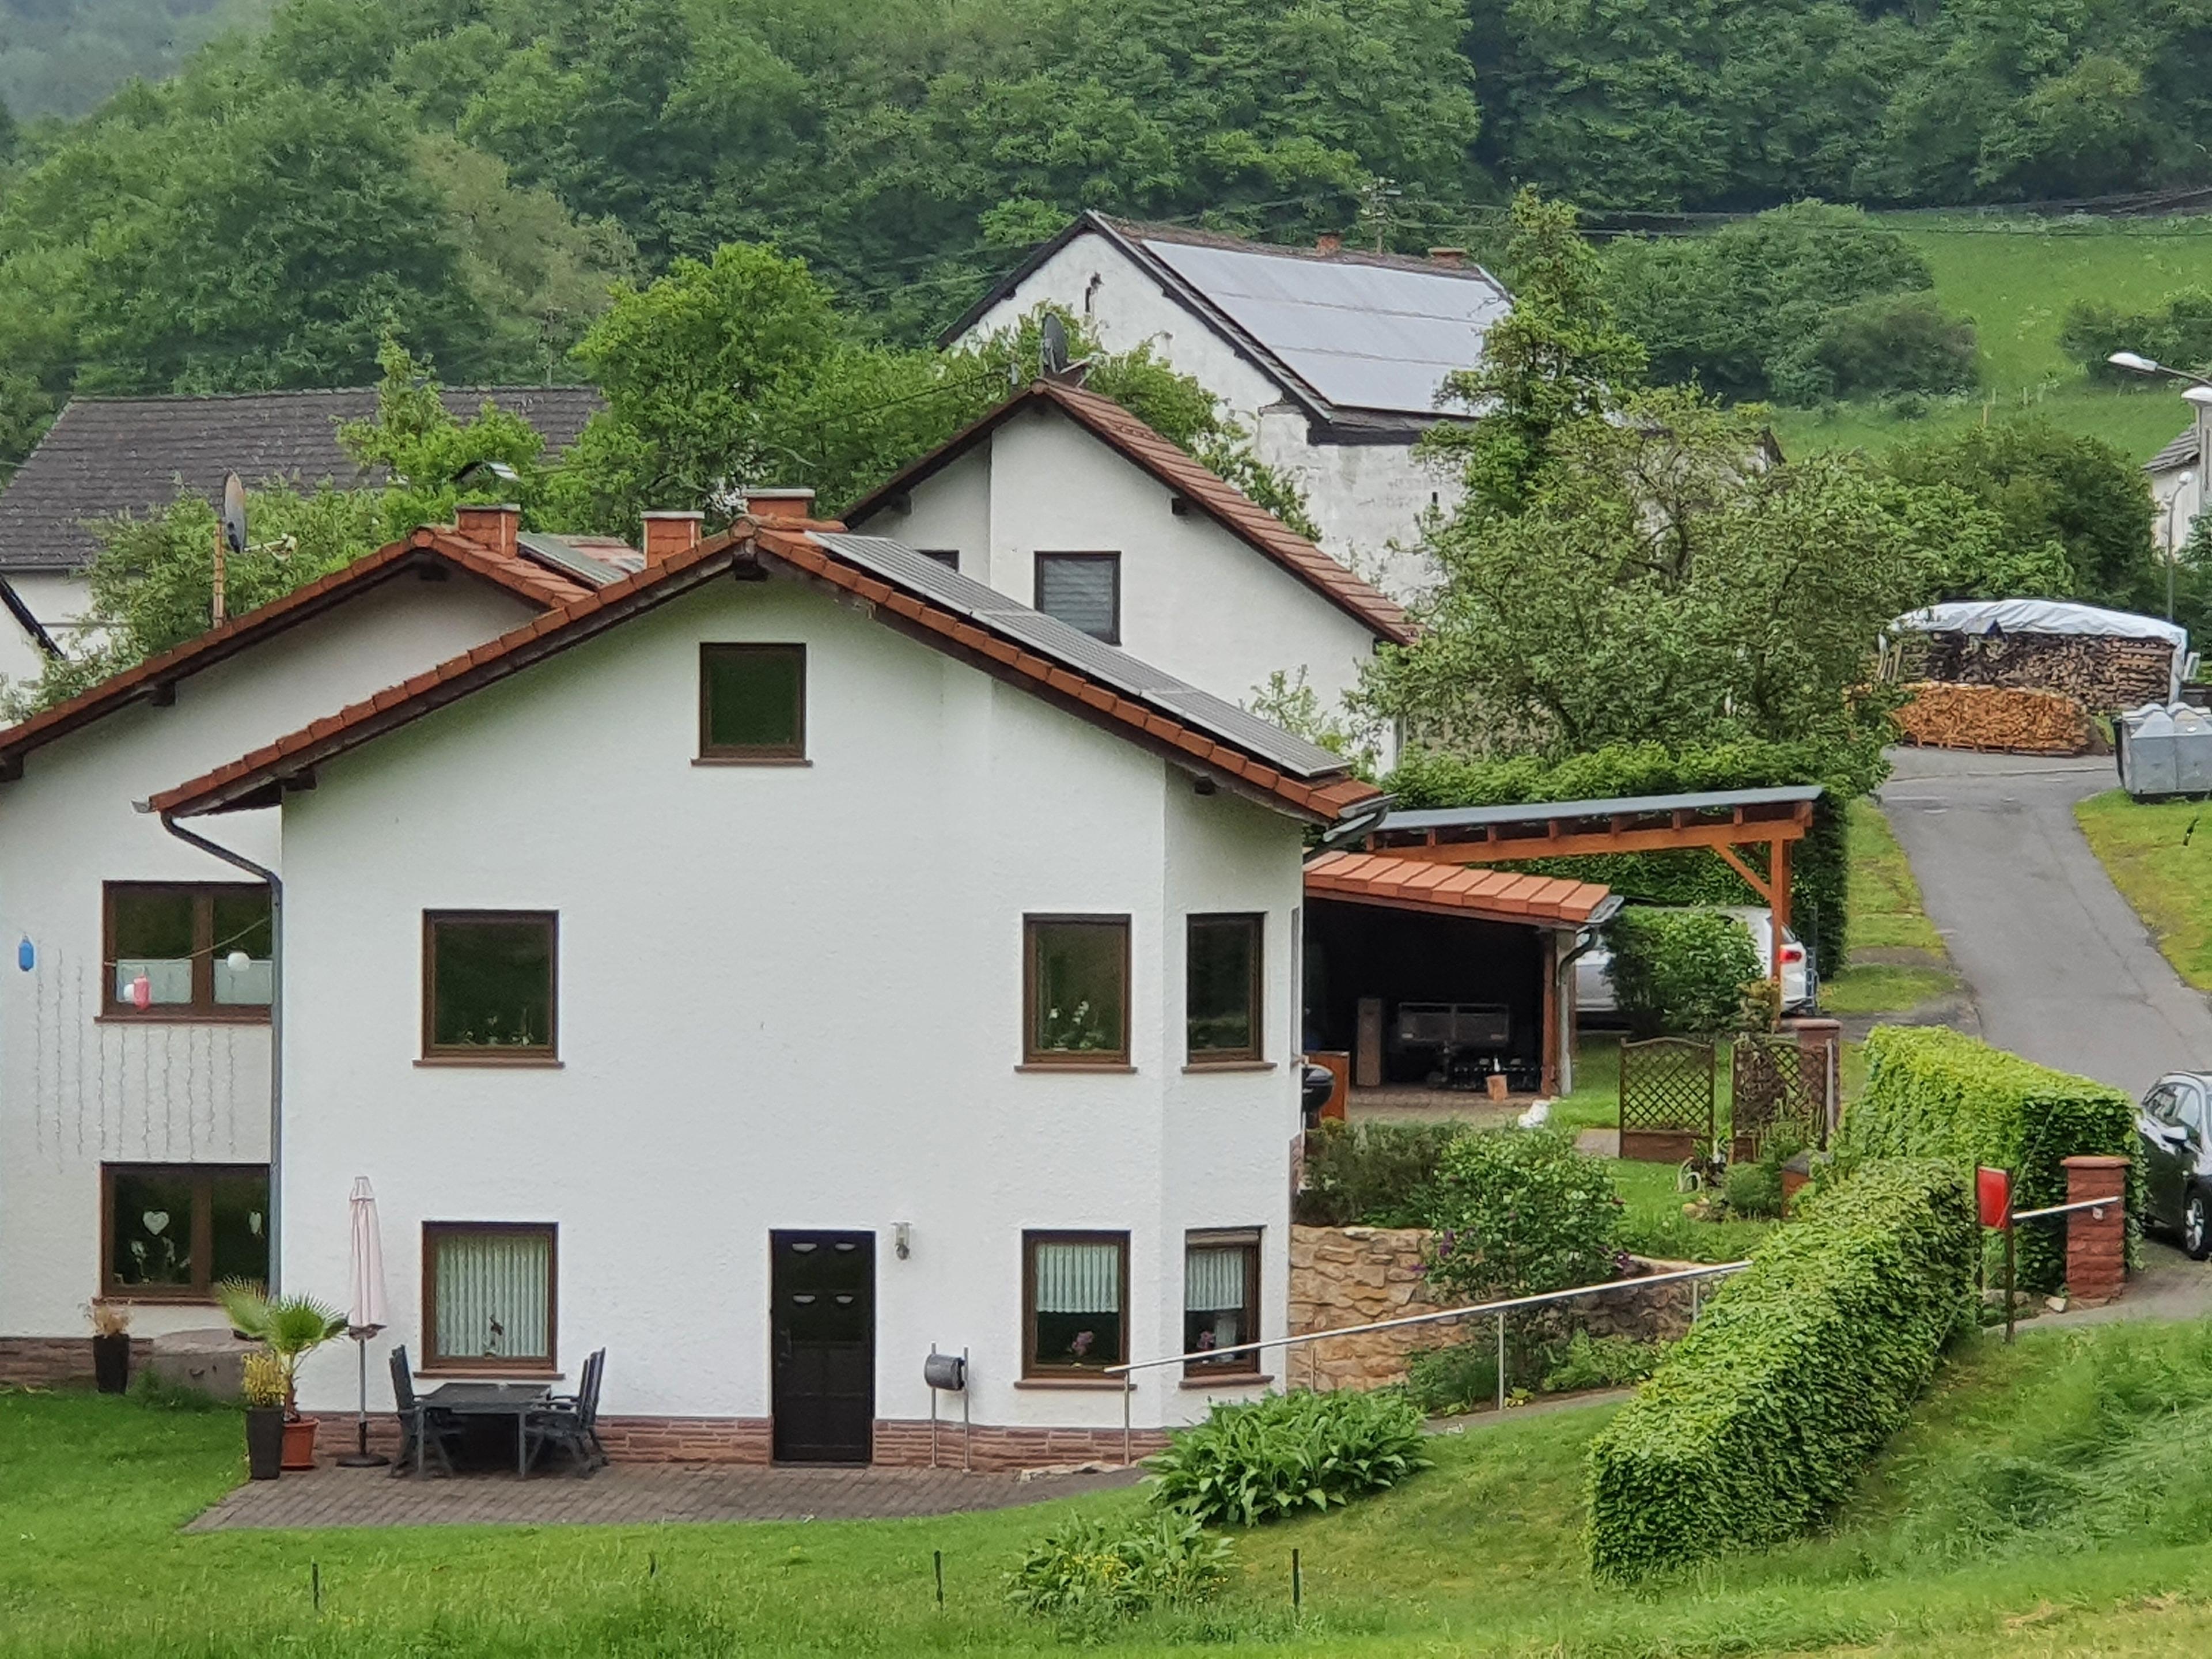 Eifel Ferienwohnung Dahmen Ferienwohnung in der Eifel